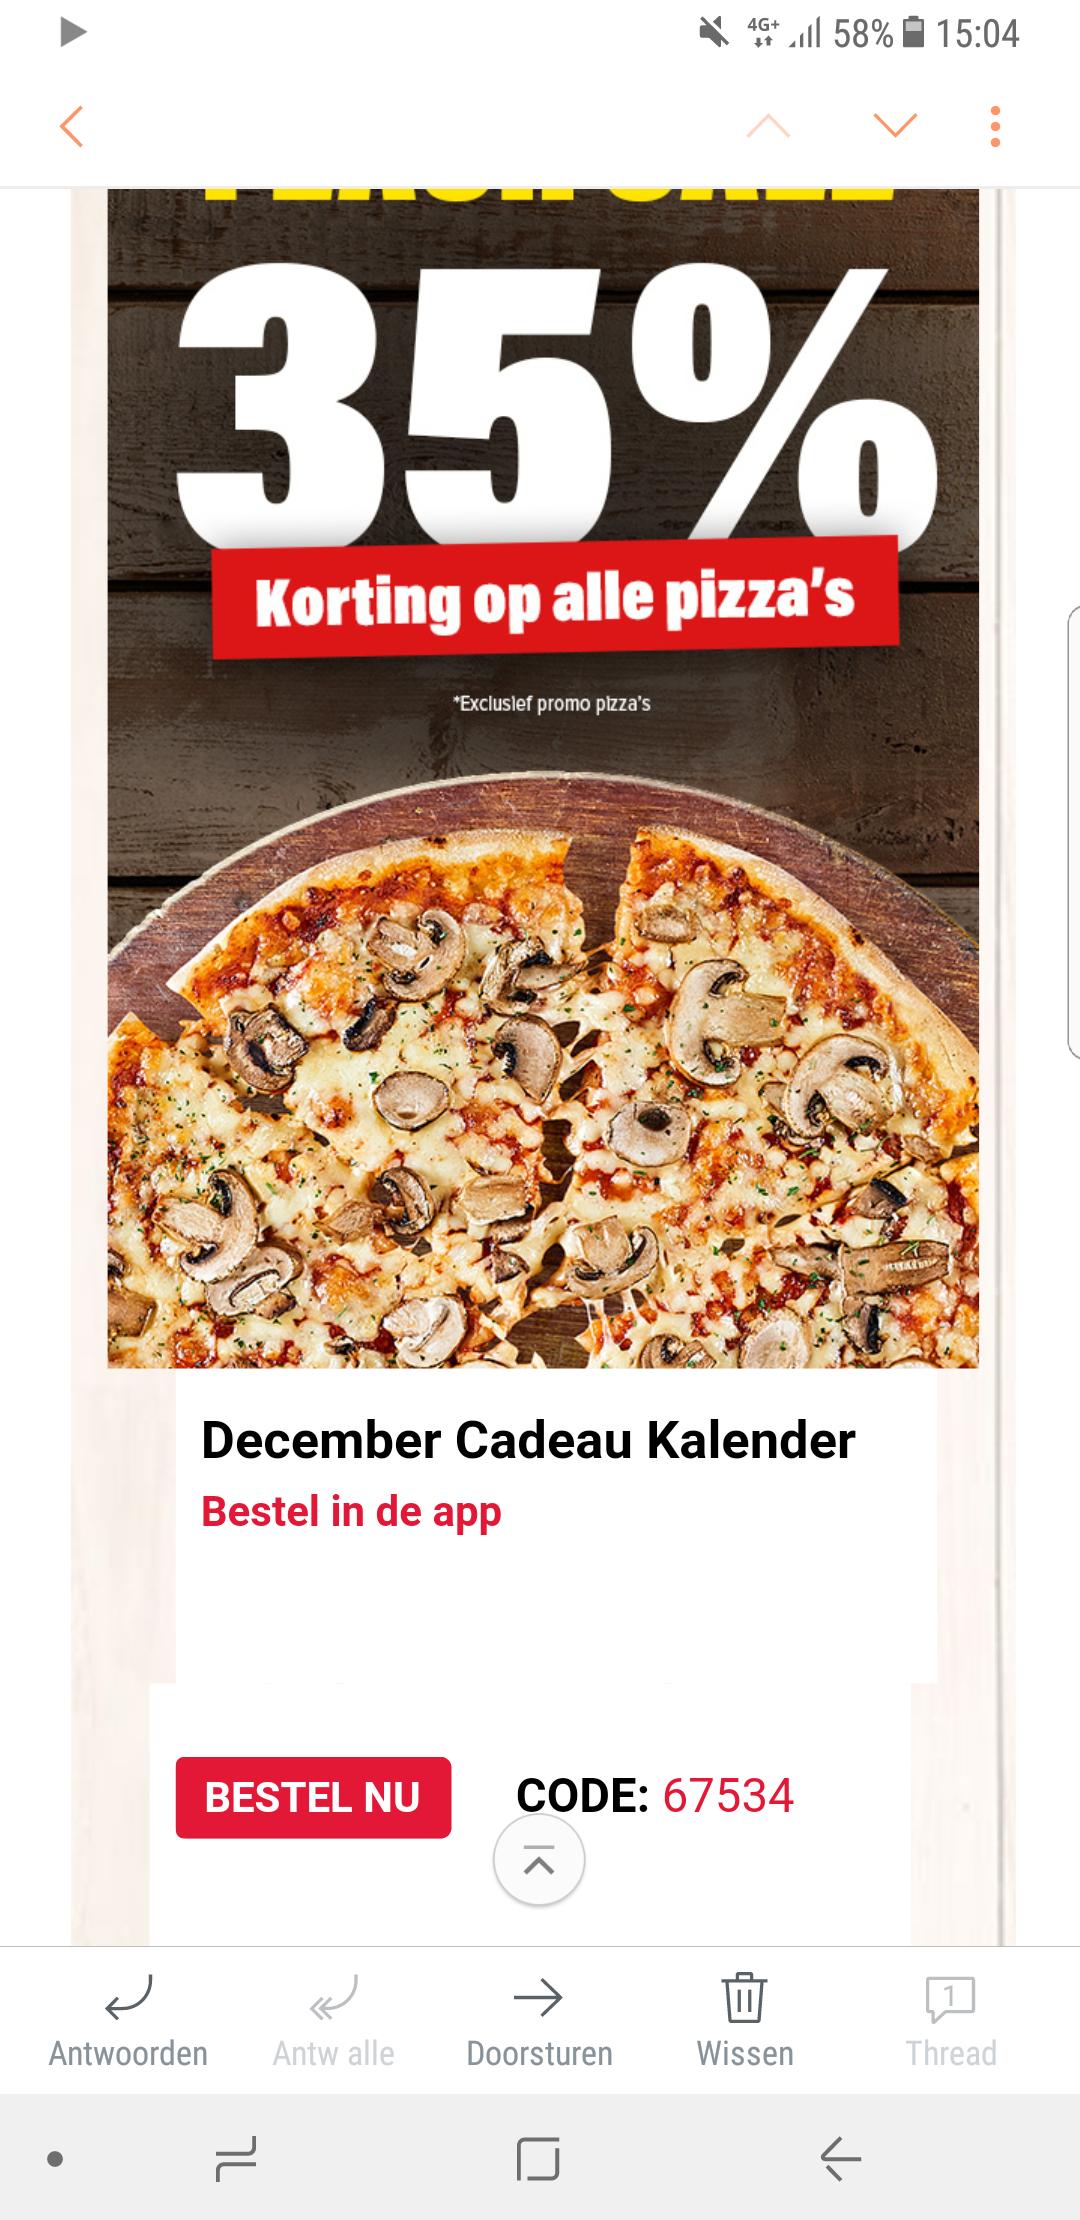 Domino's pizza 35% korting op alle pizza's ook bij bezorgen!